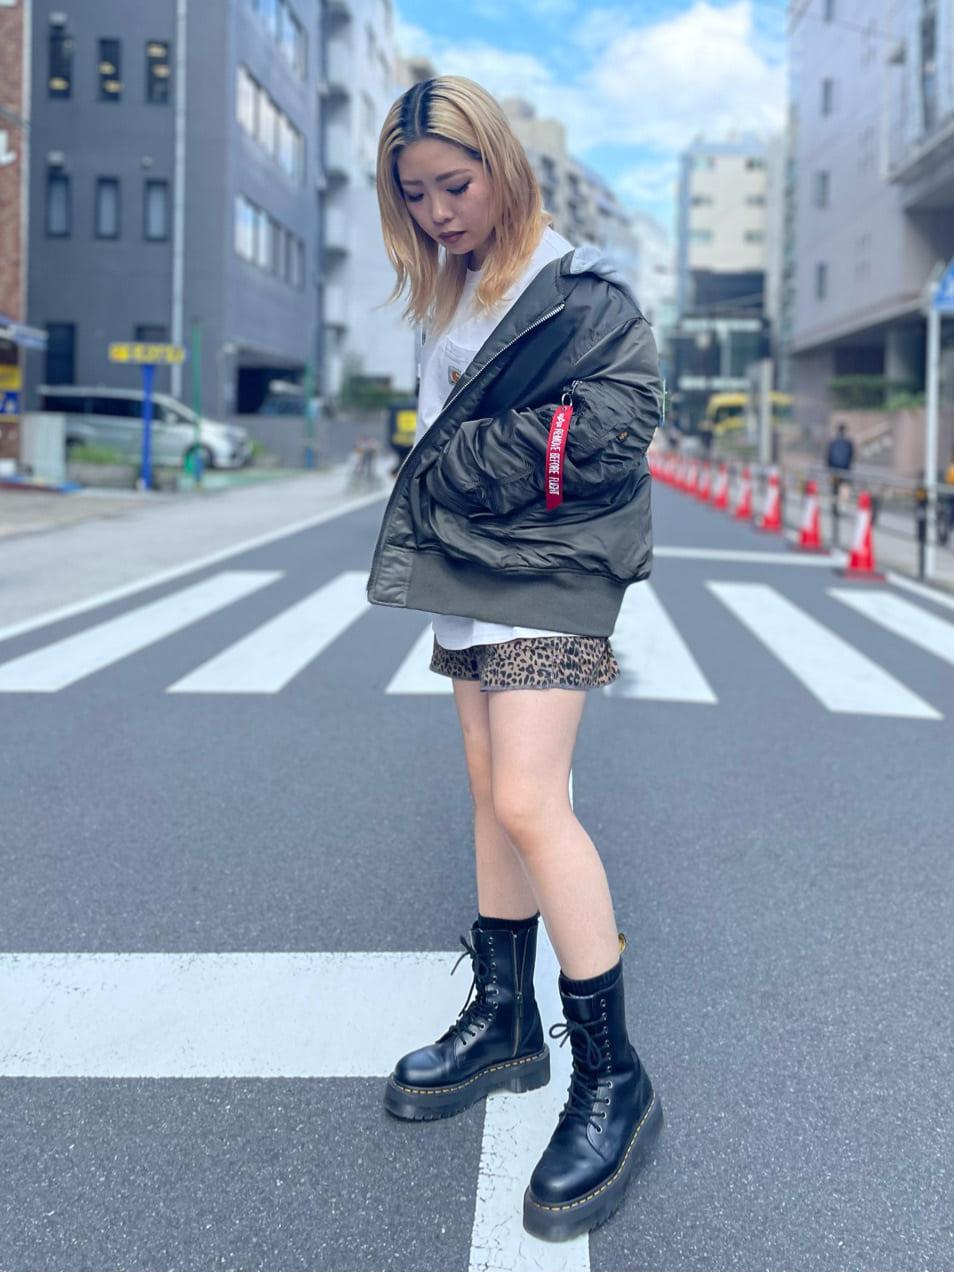 ALPHA SHOP渋谷店のmoe さんのALPHAのMA-1 NATUSを使ったコーディネート